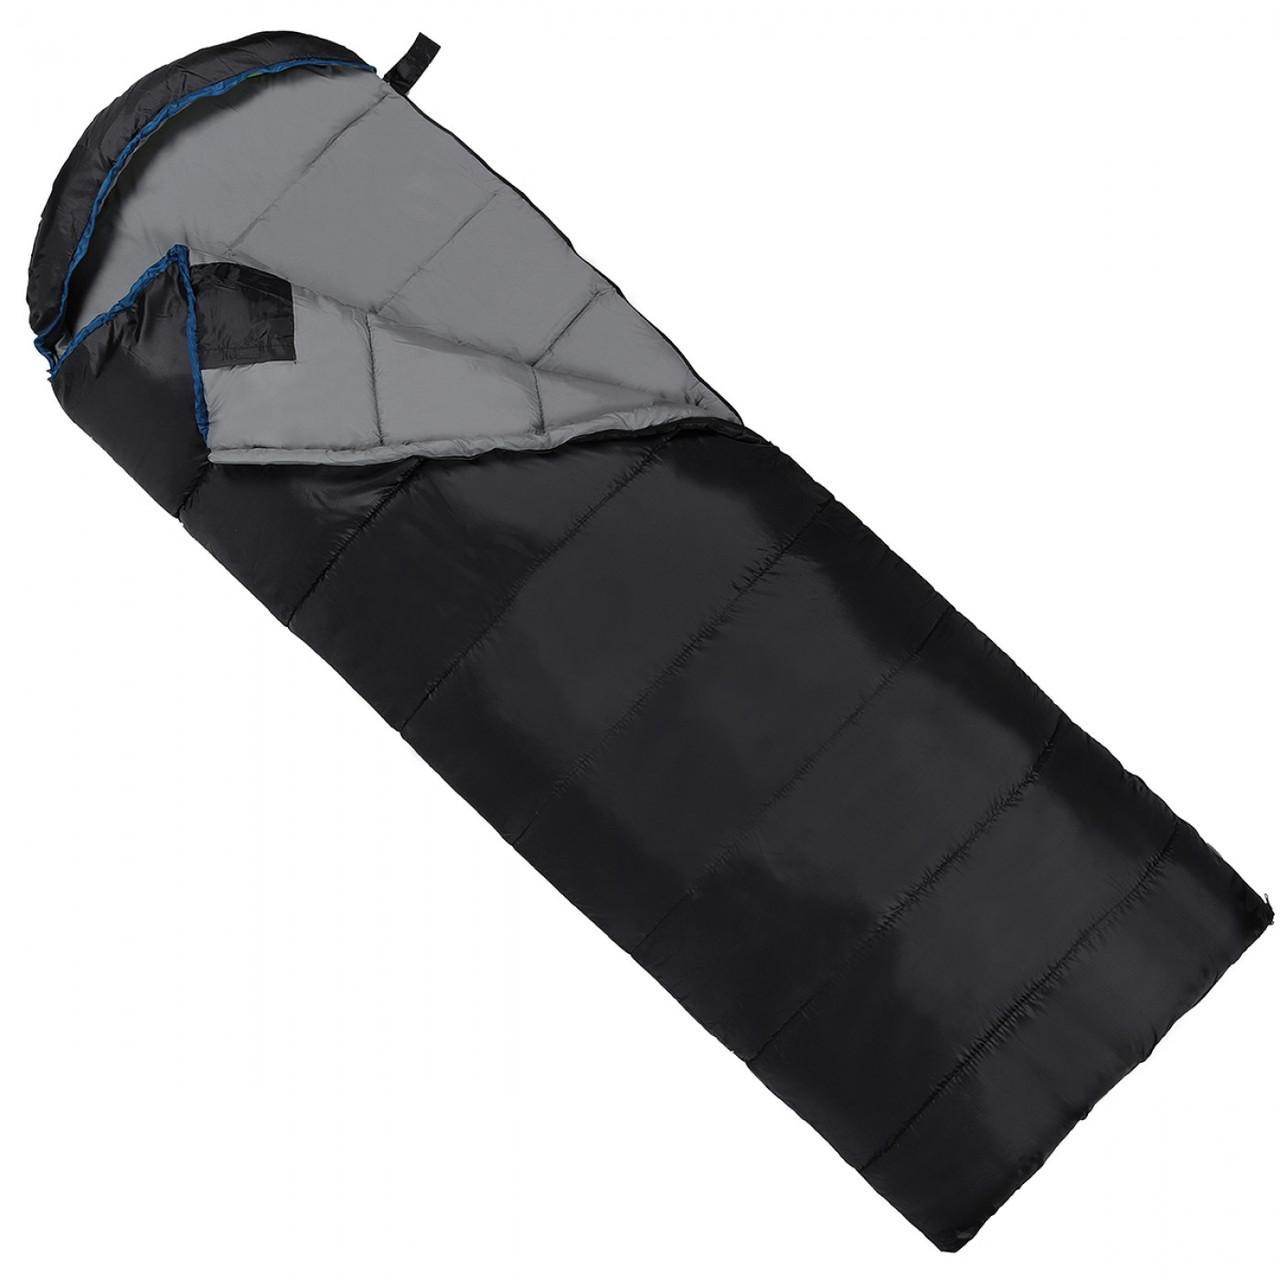 Спальный мешок (спальник) одеяло SportVida SV-CC0073 -3 ...+ 21°C L Black/Grey - Love&Life